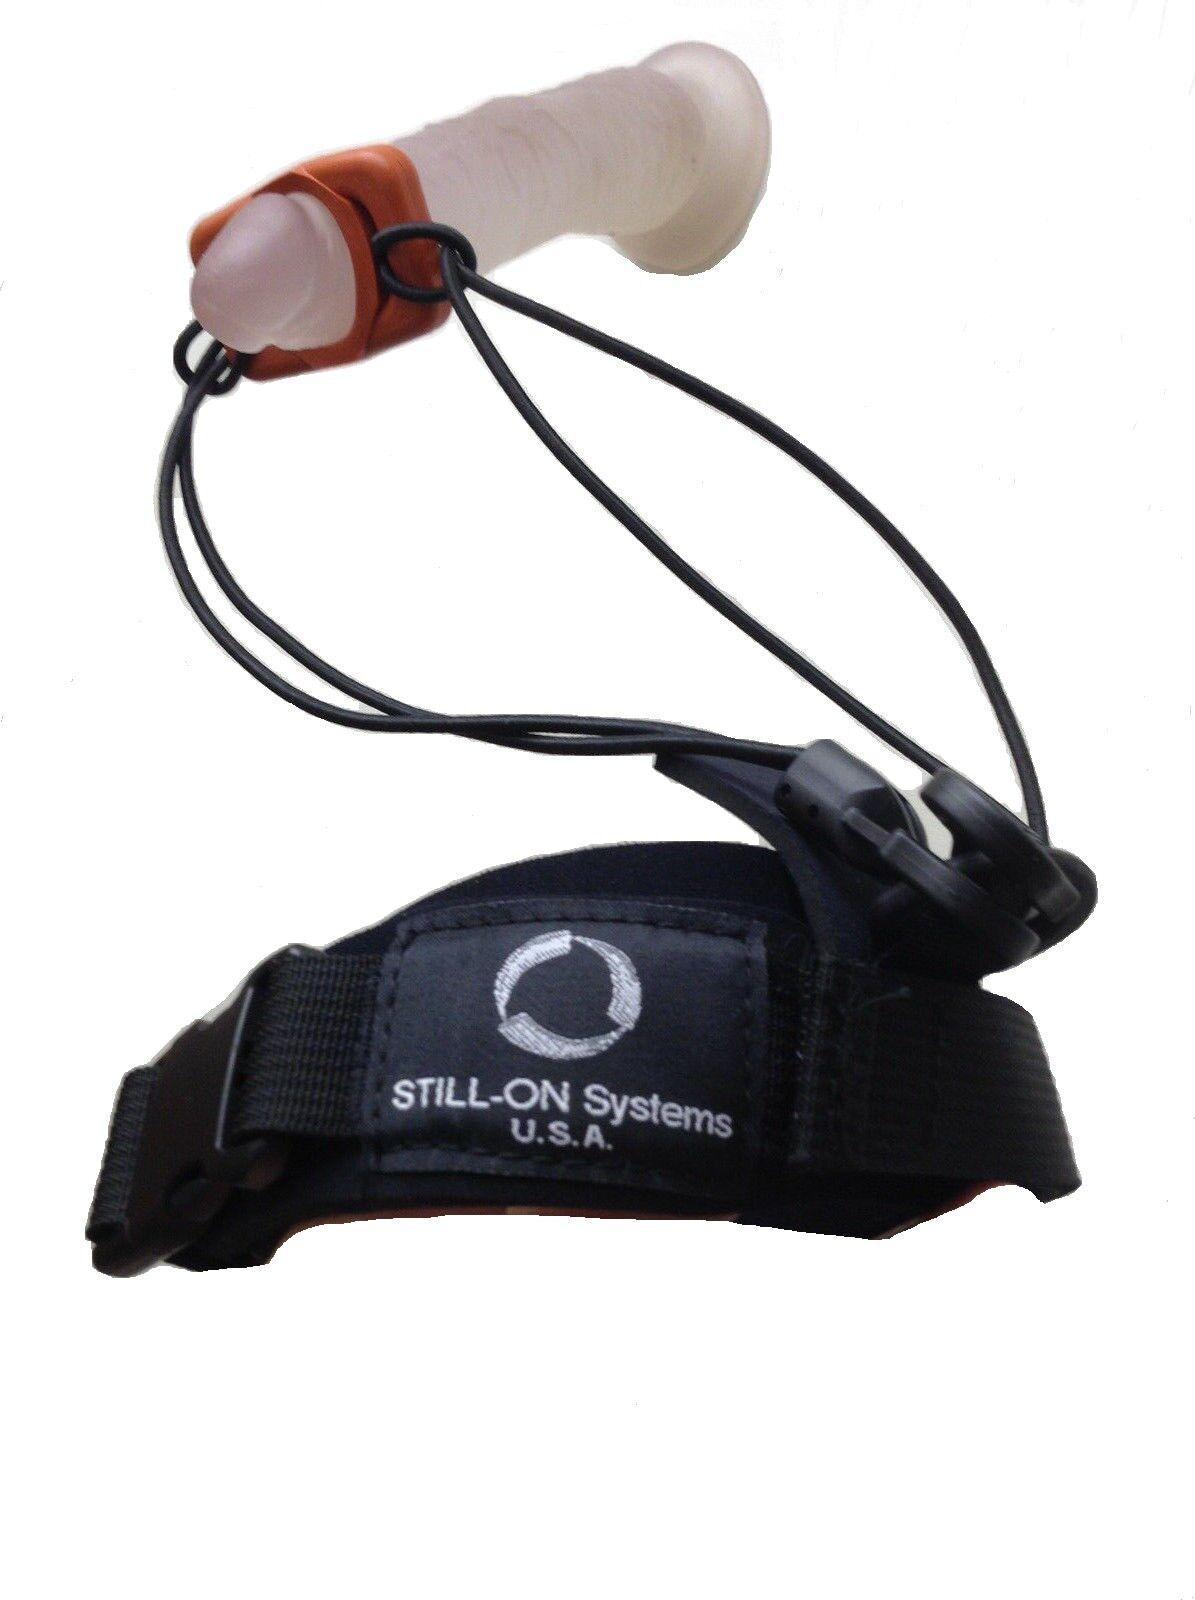 STILL-ON Systems, Inc